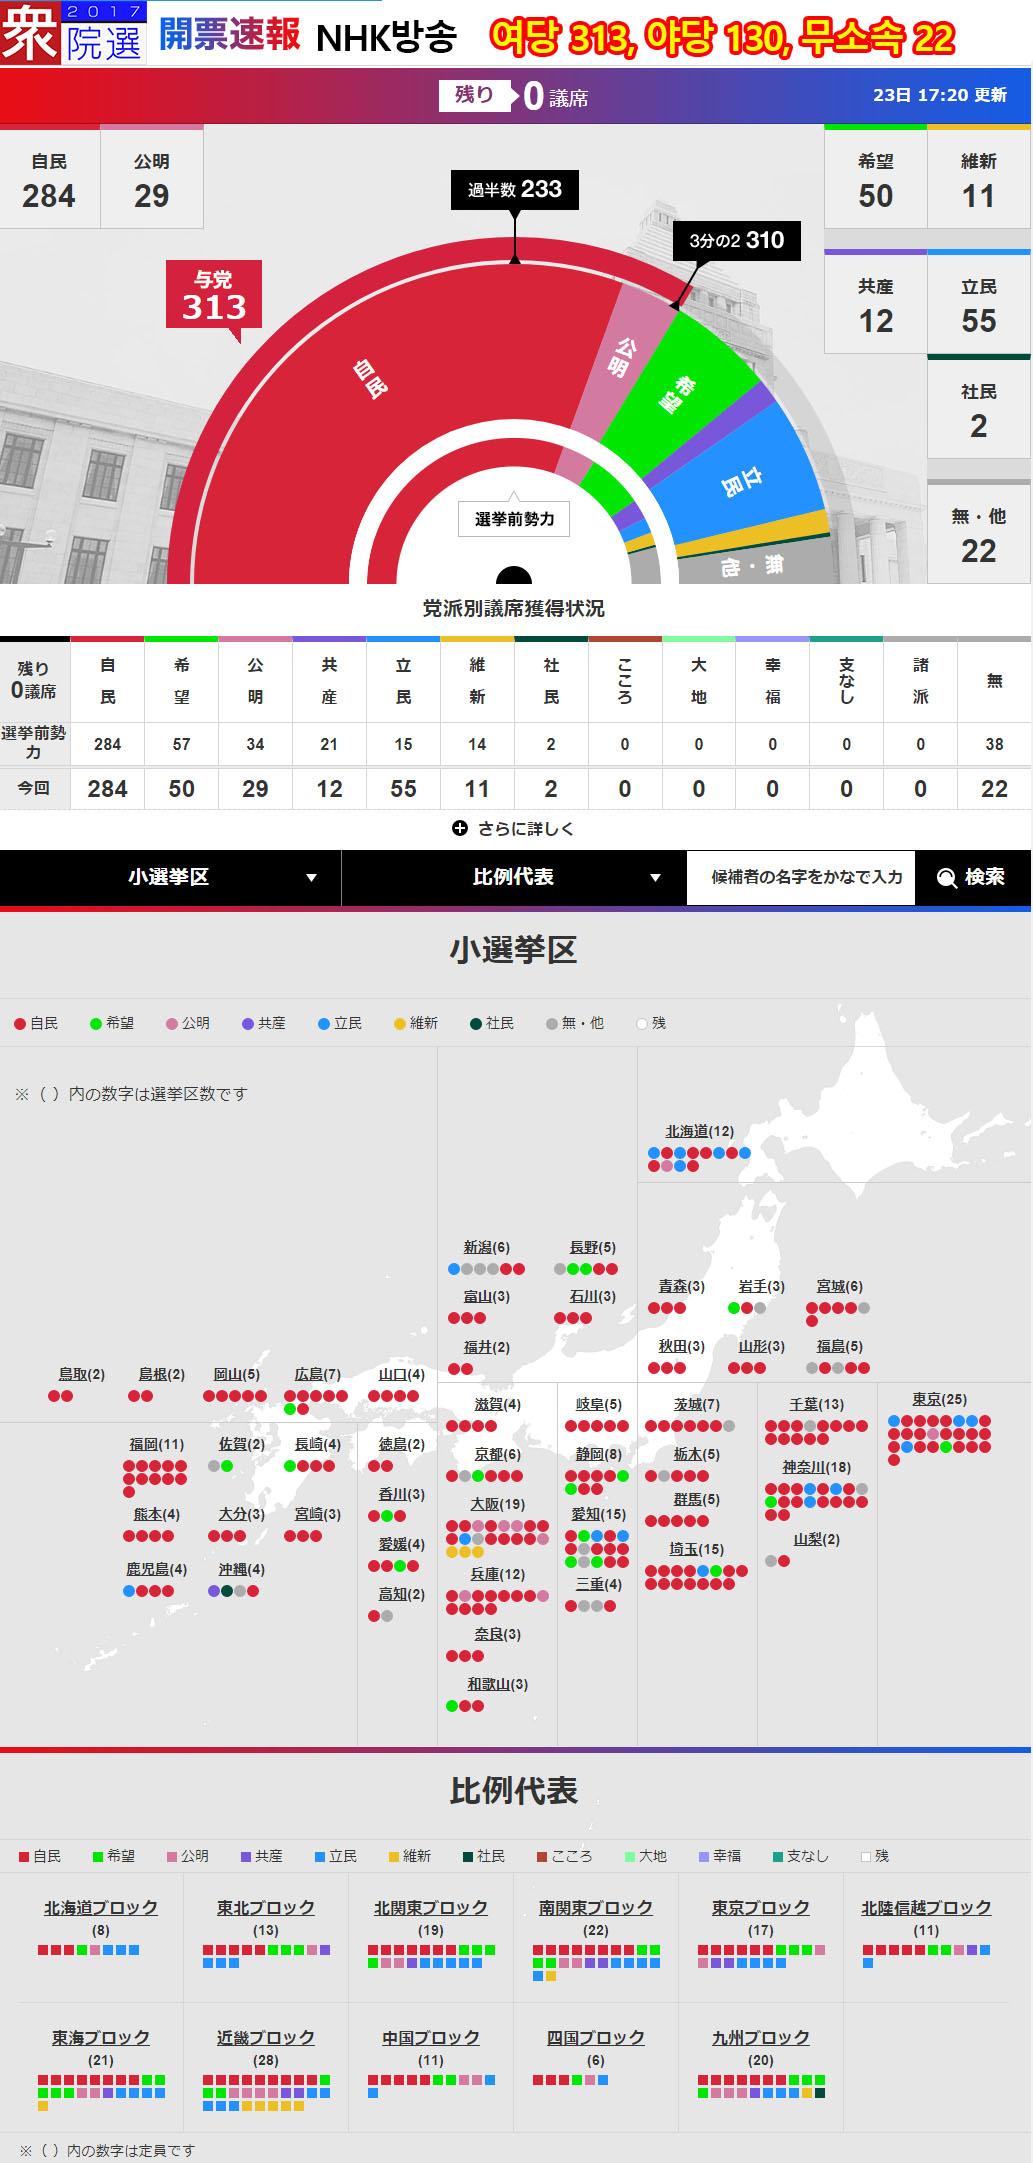 일본방송 NHK 총선 개표상황 일본방송 및 언론사들의 홈페이지 총선거 개표 상황비교